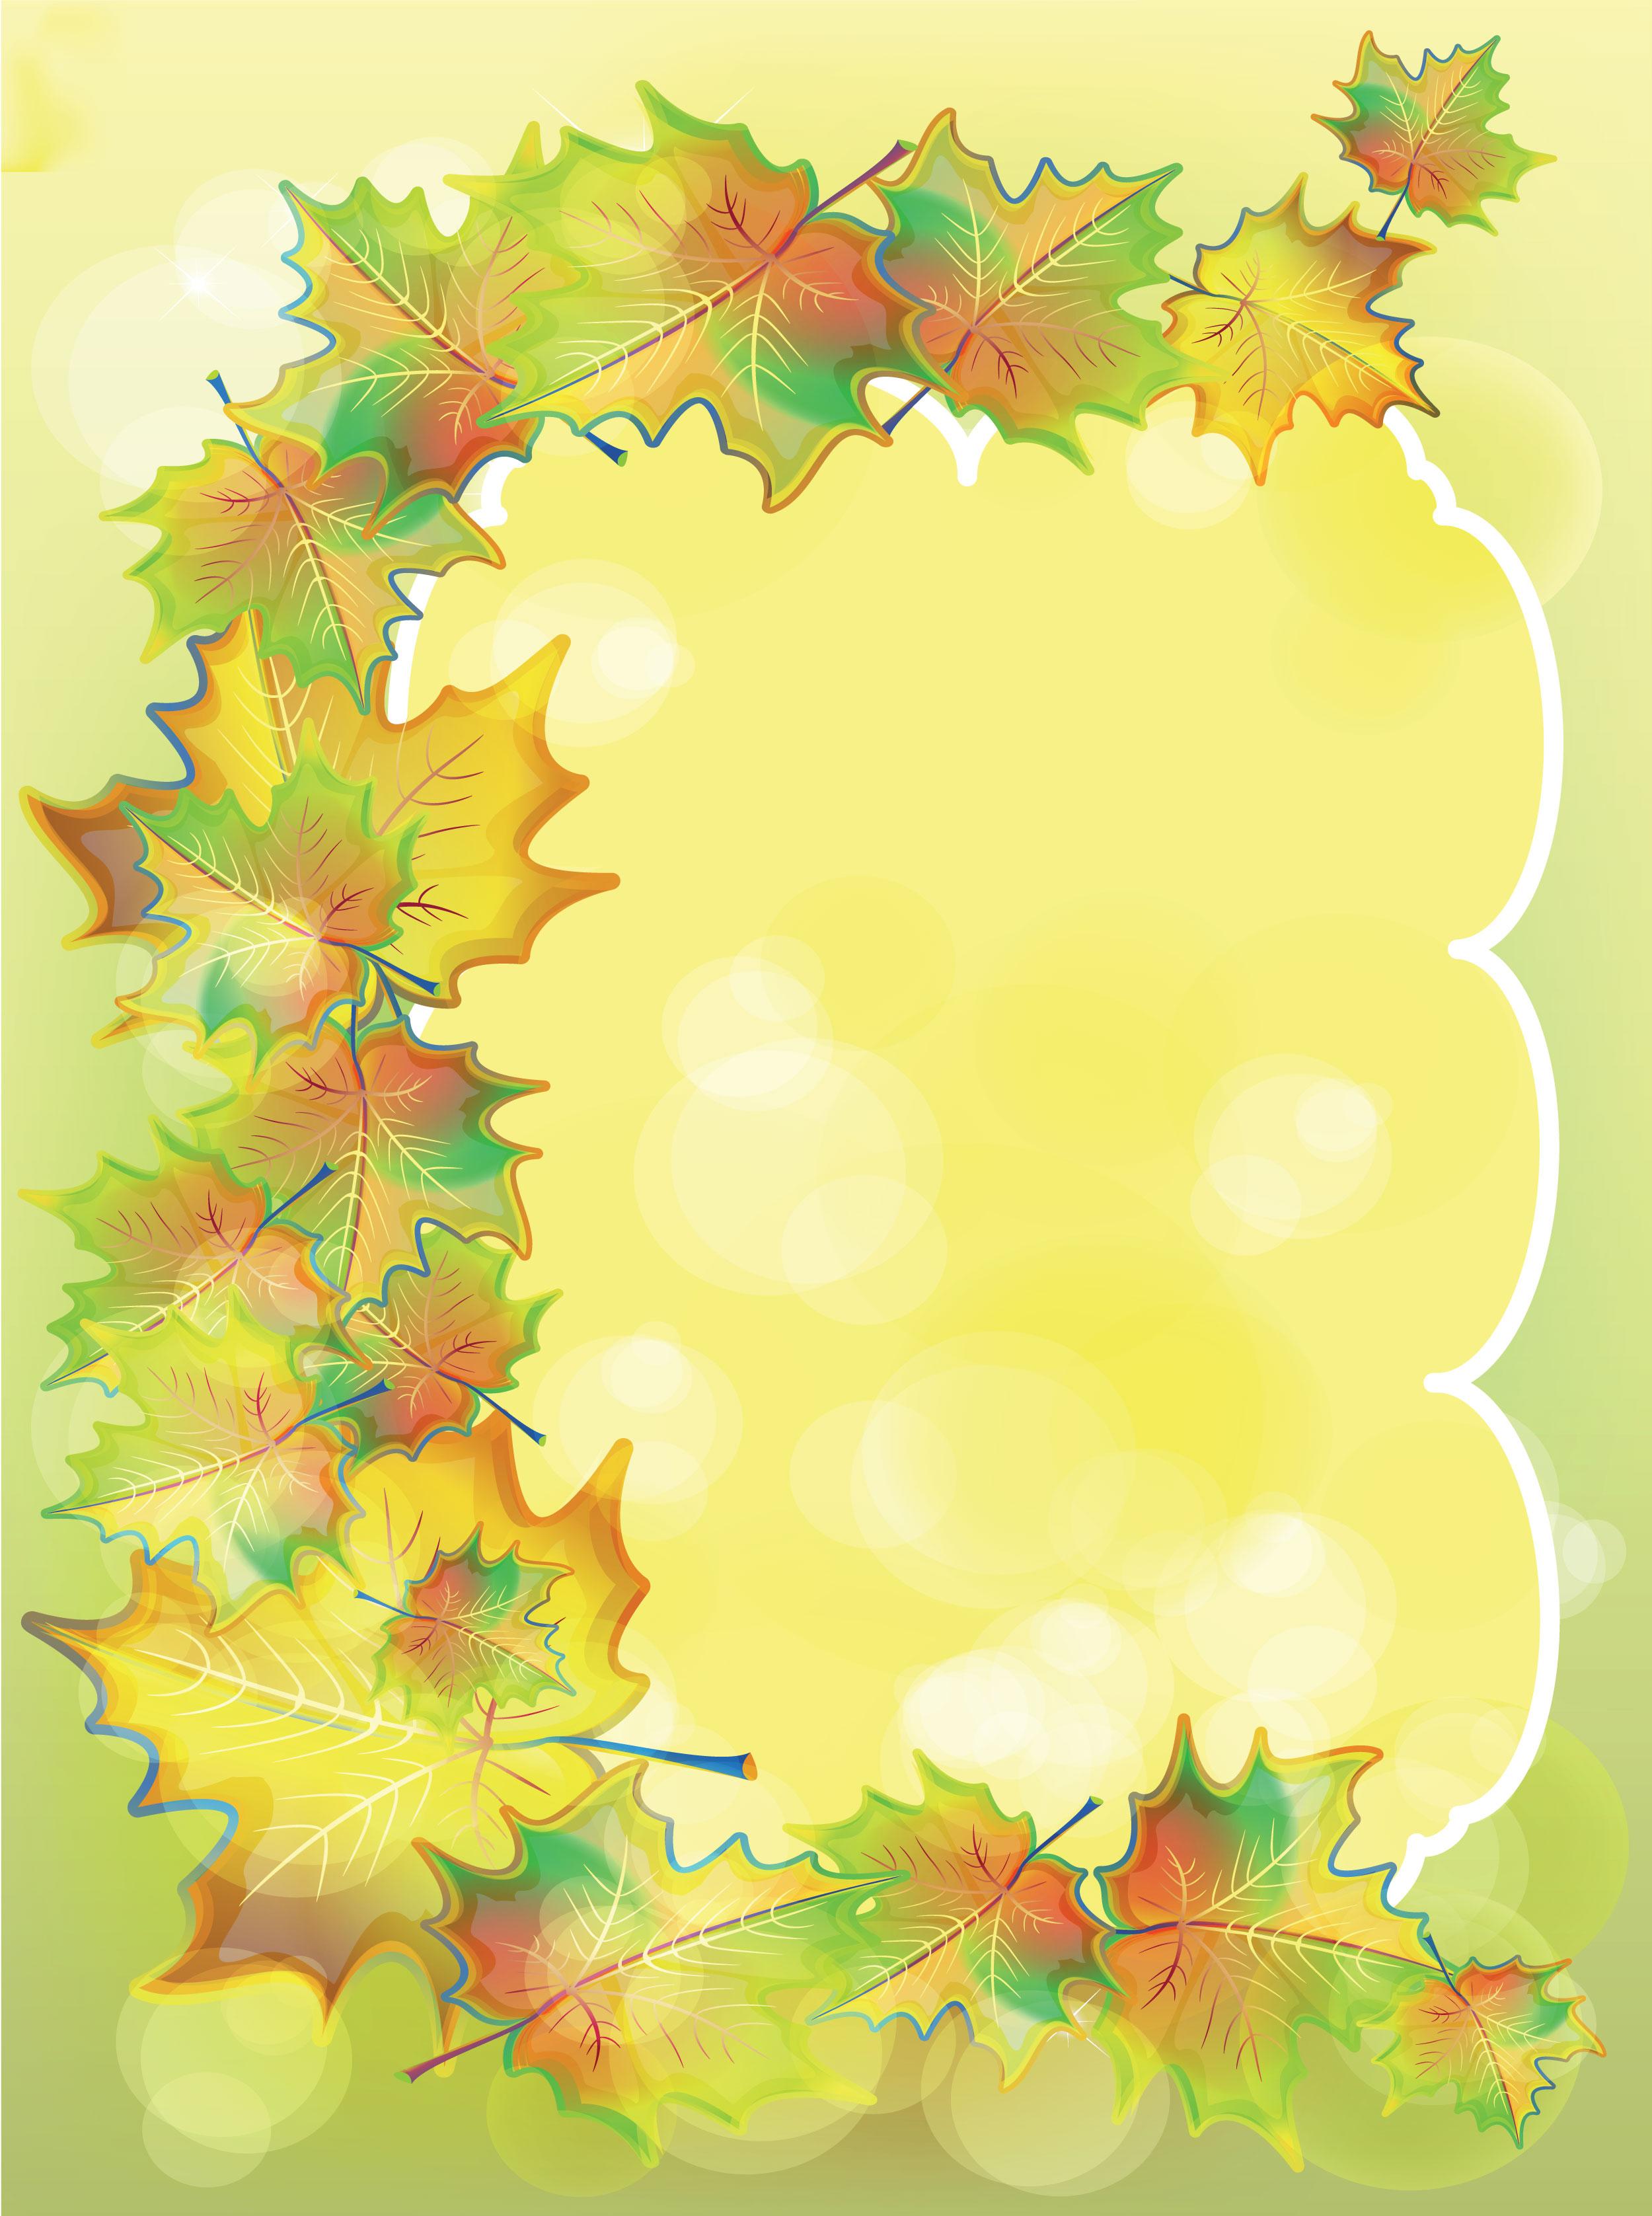 葉っぱや草木のイラスト/壁紙・背景no.102『夏から秋へ・紅葉』